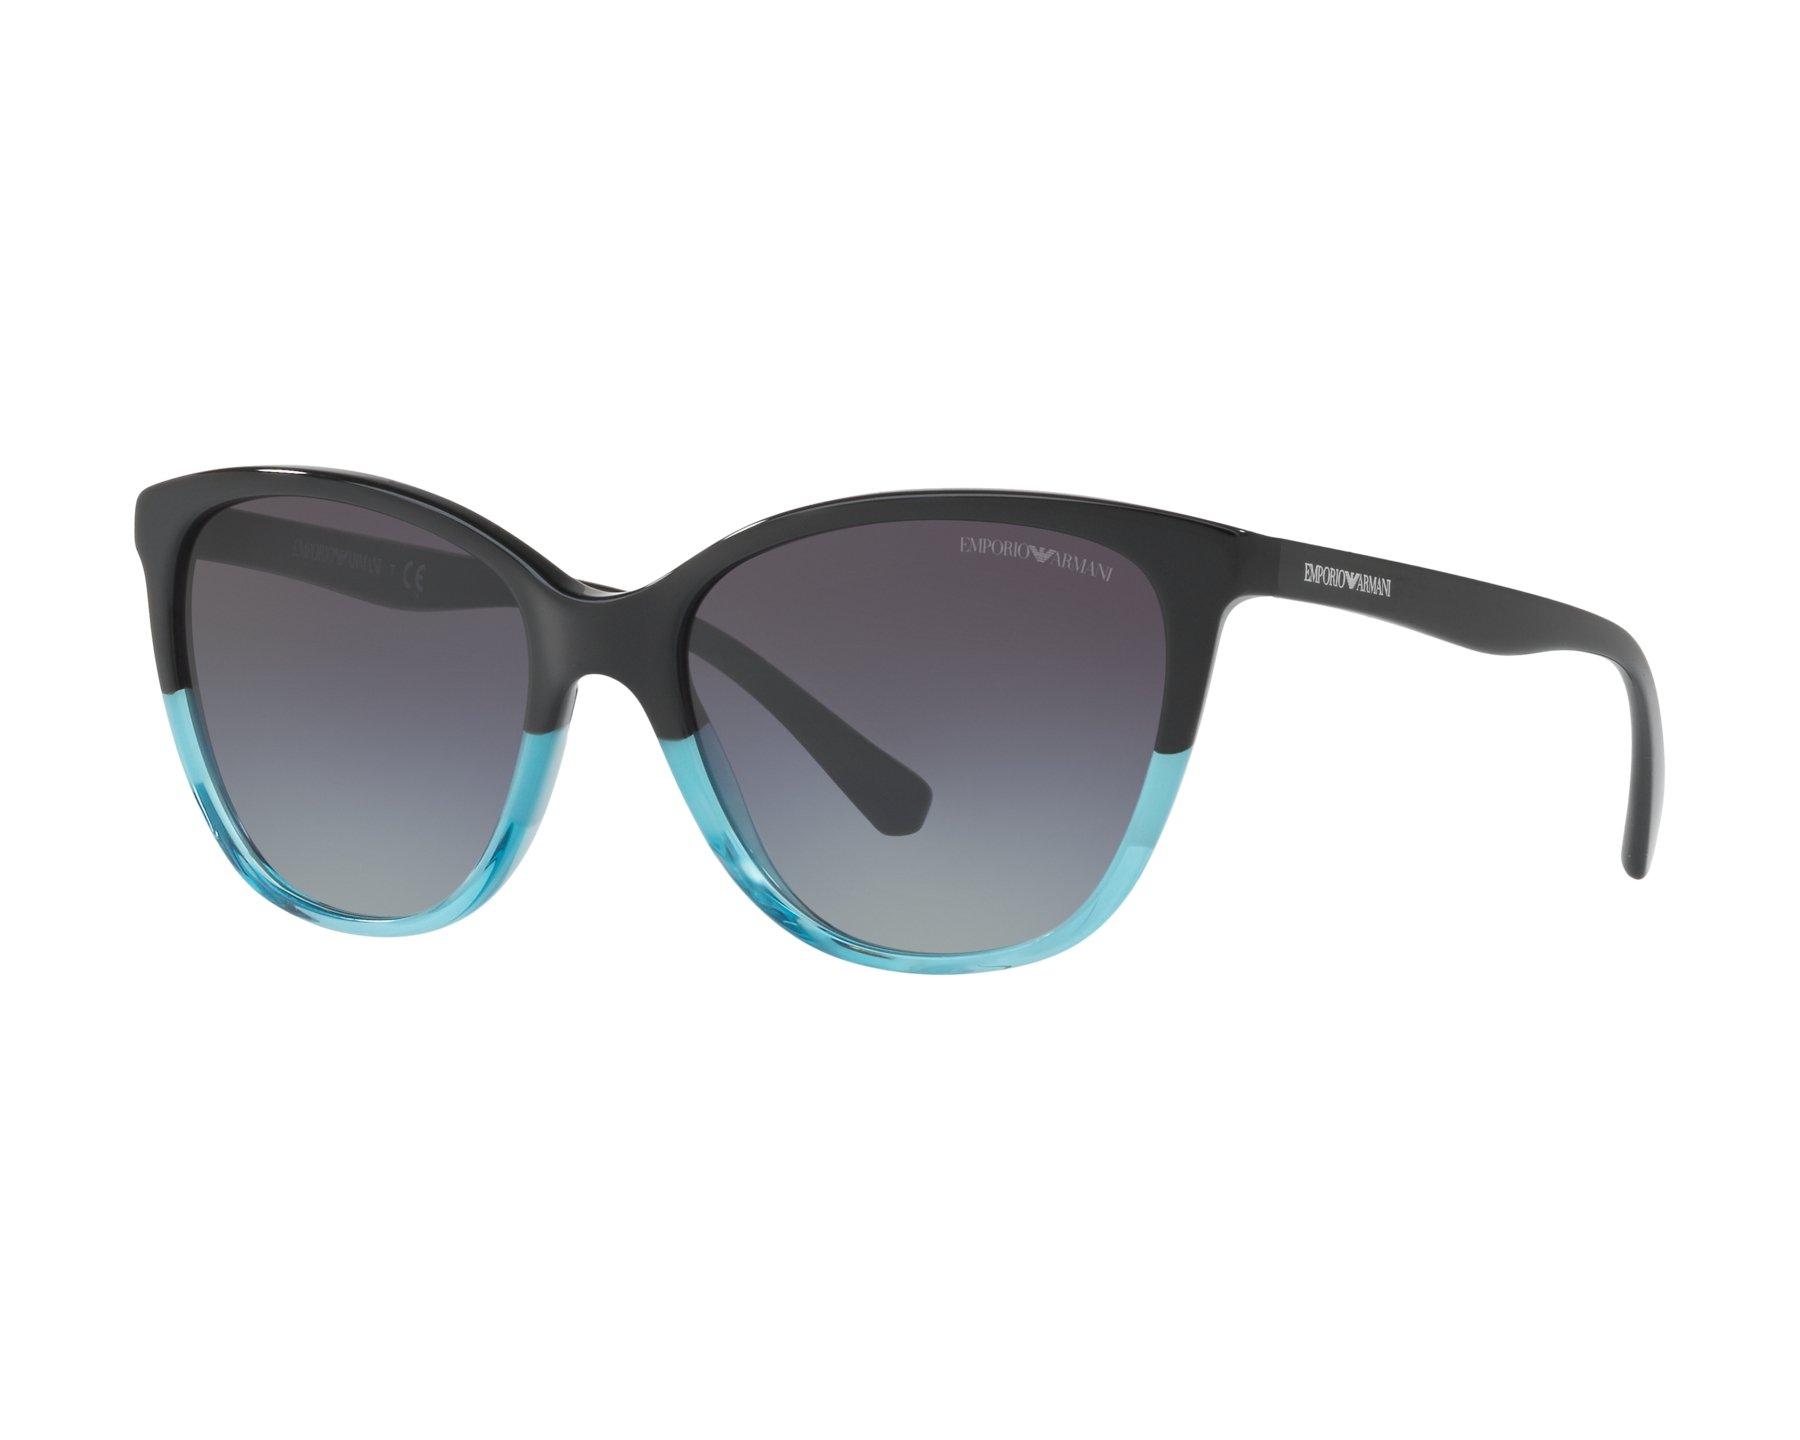 Emporio Armani Damen Sonnenbrille » EA4110«, schwarz, 500113 - schwarz/braun